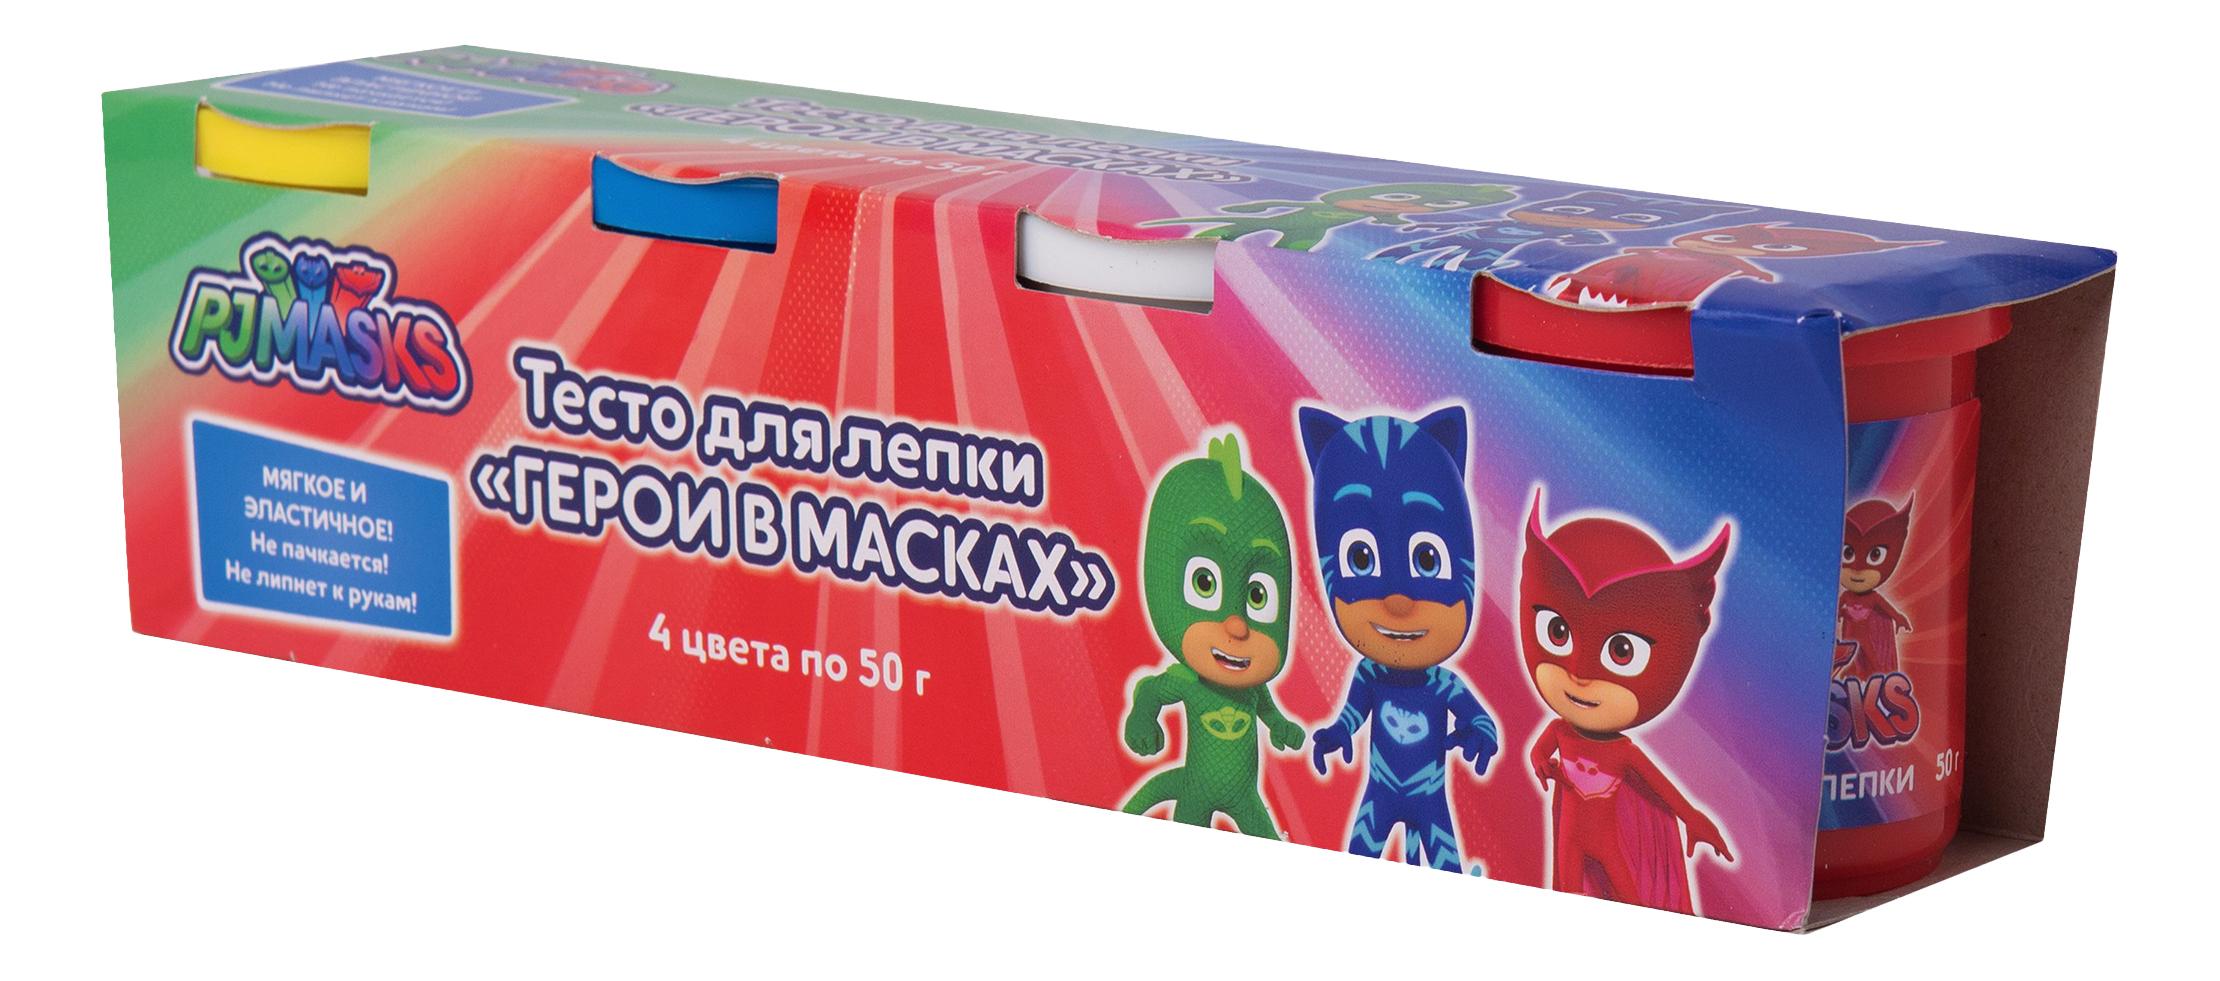 Купить Паста для лепки PJ Masks 4 цвета, Росмэн, Лепка